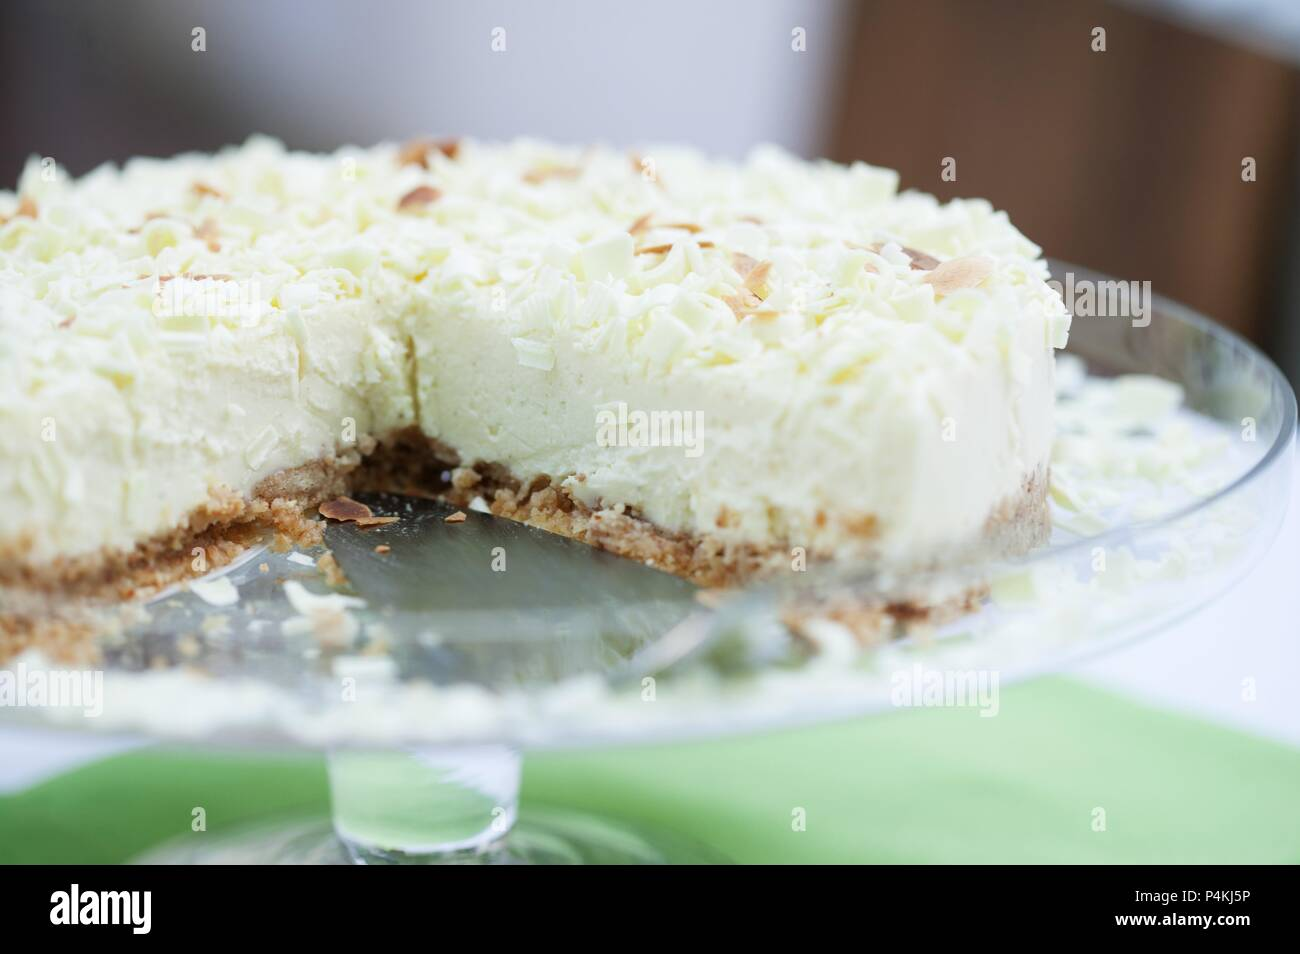 White chocolate tart - Stock Image